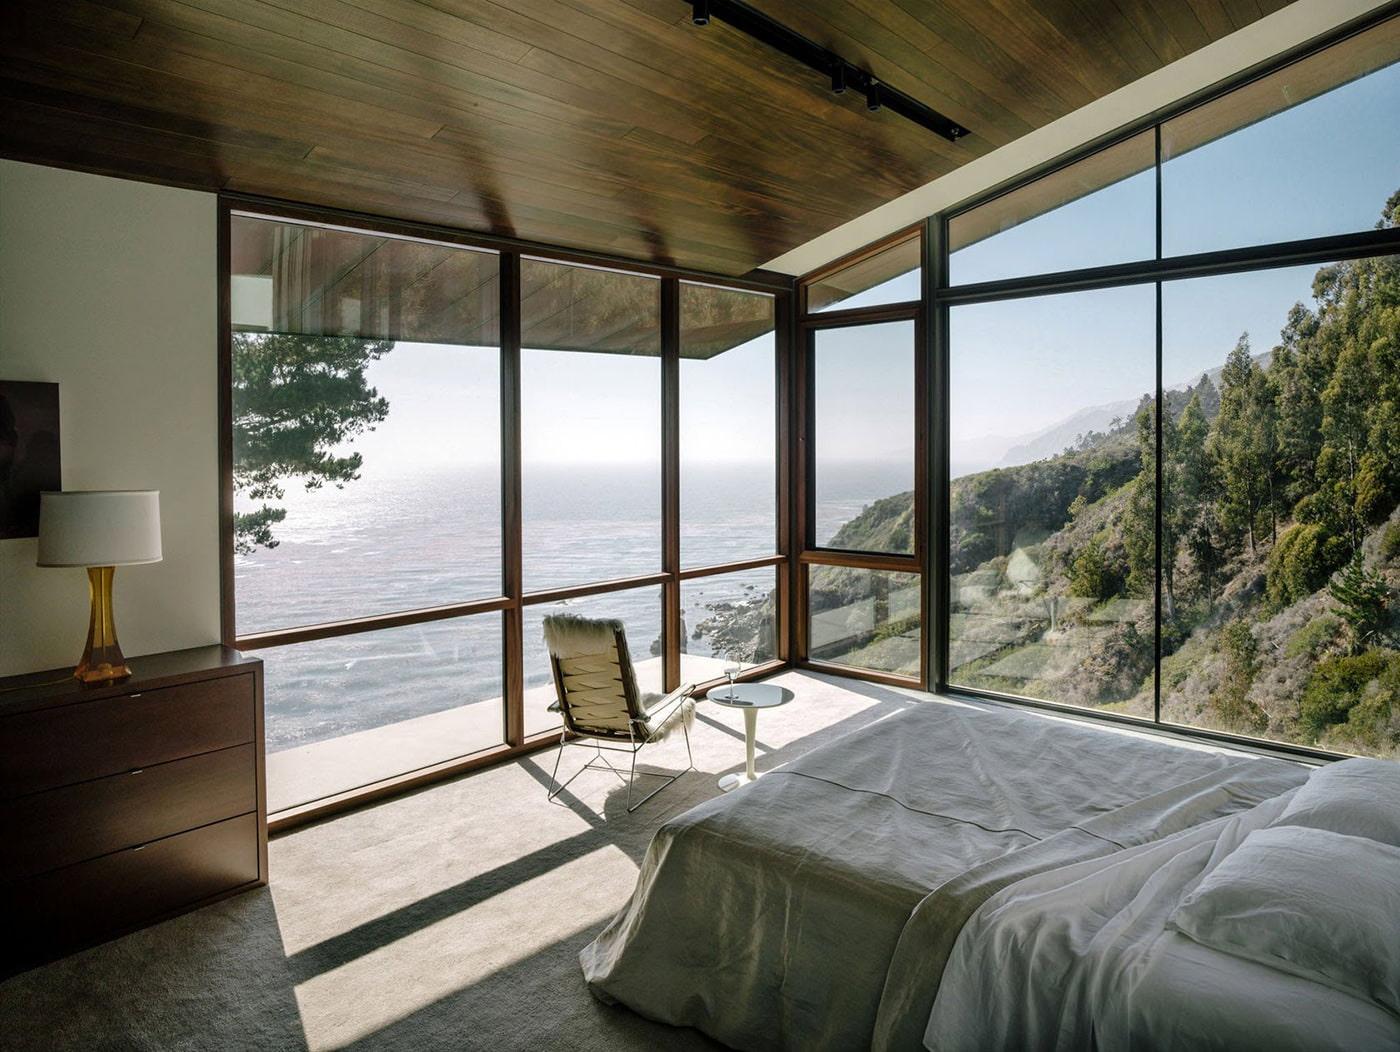 intérieur de chambre dans une maison de campagne avec fenêtres panoramiques